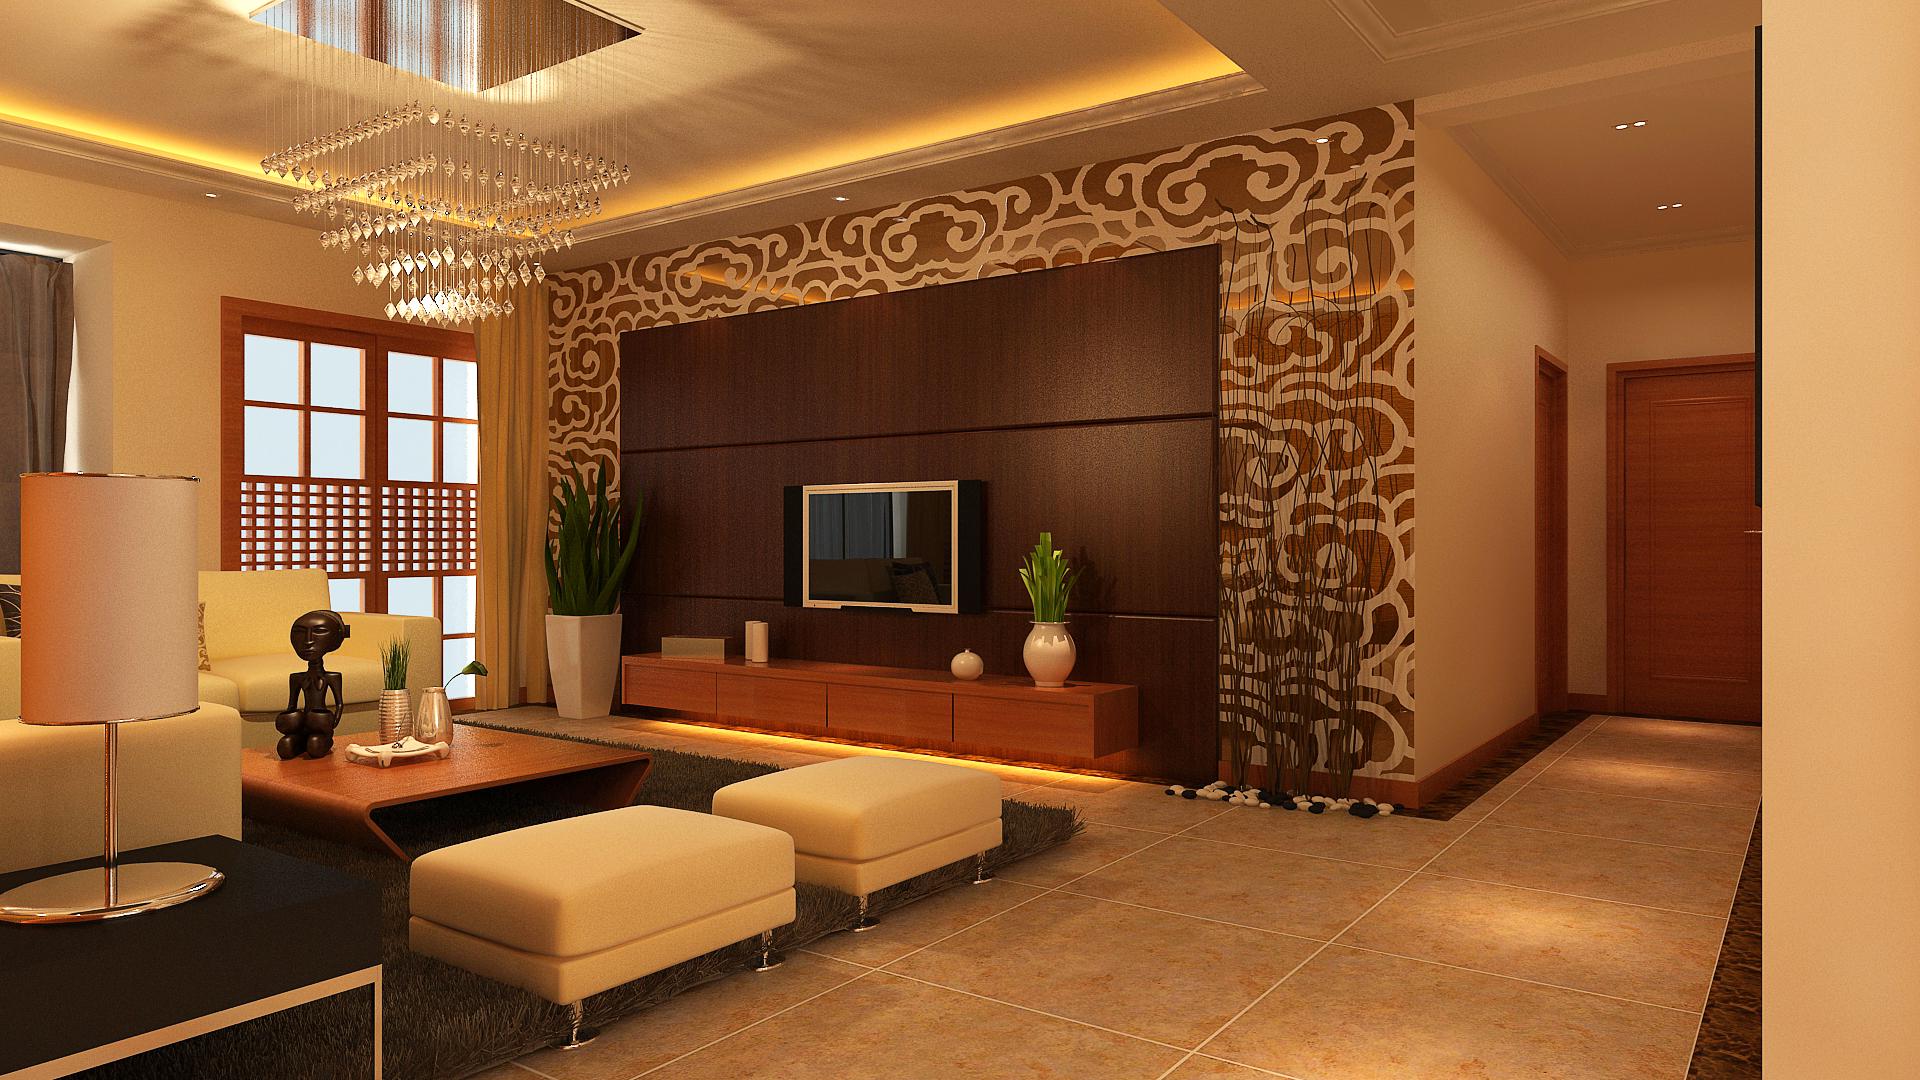 简约风格 客厅图片来自文金春在三月暖风新简约主义的分享